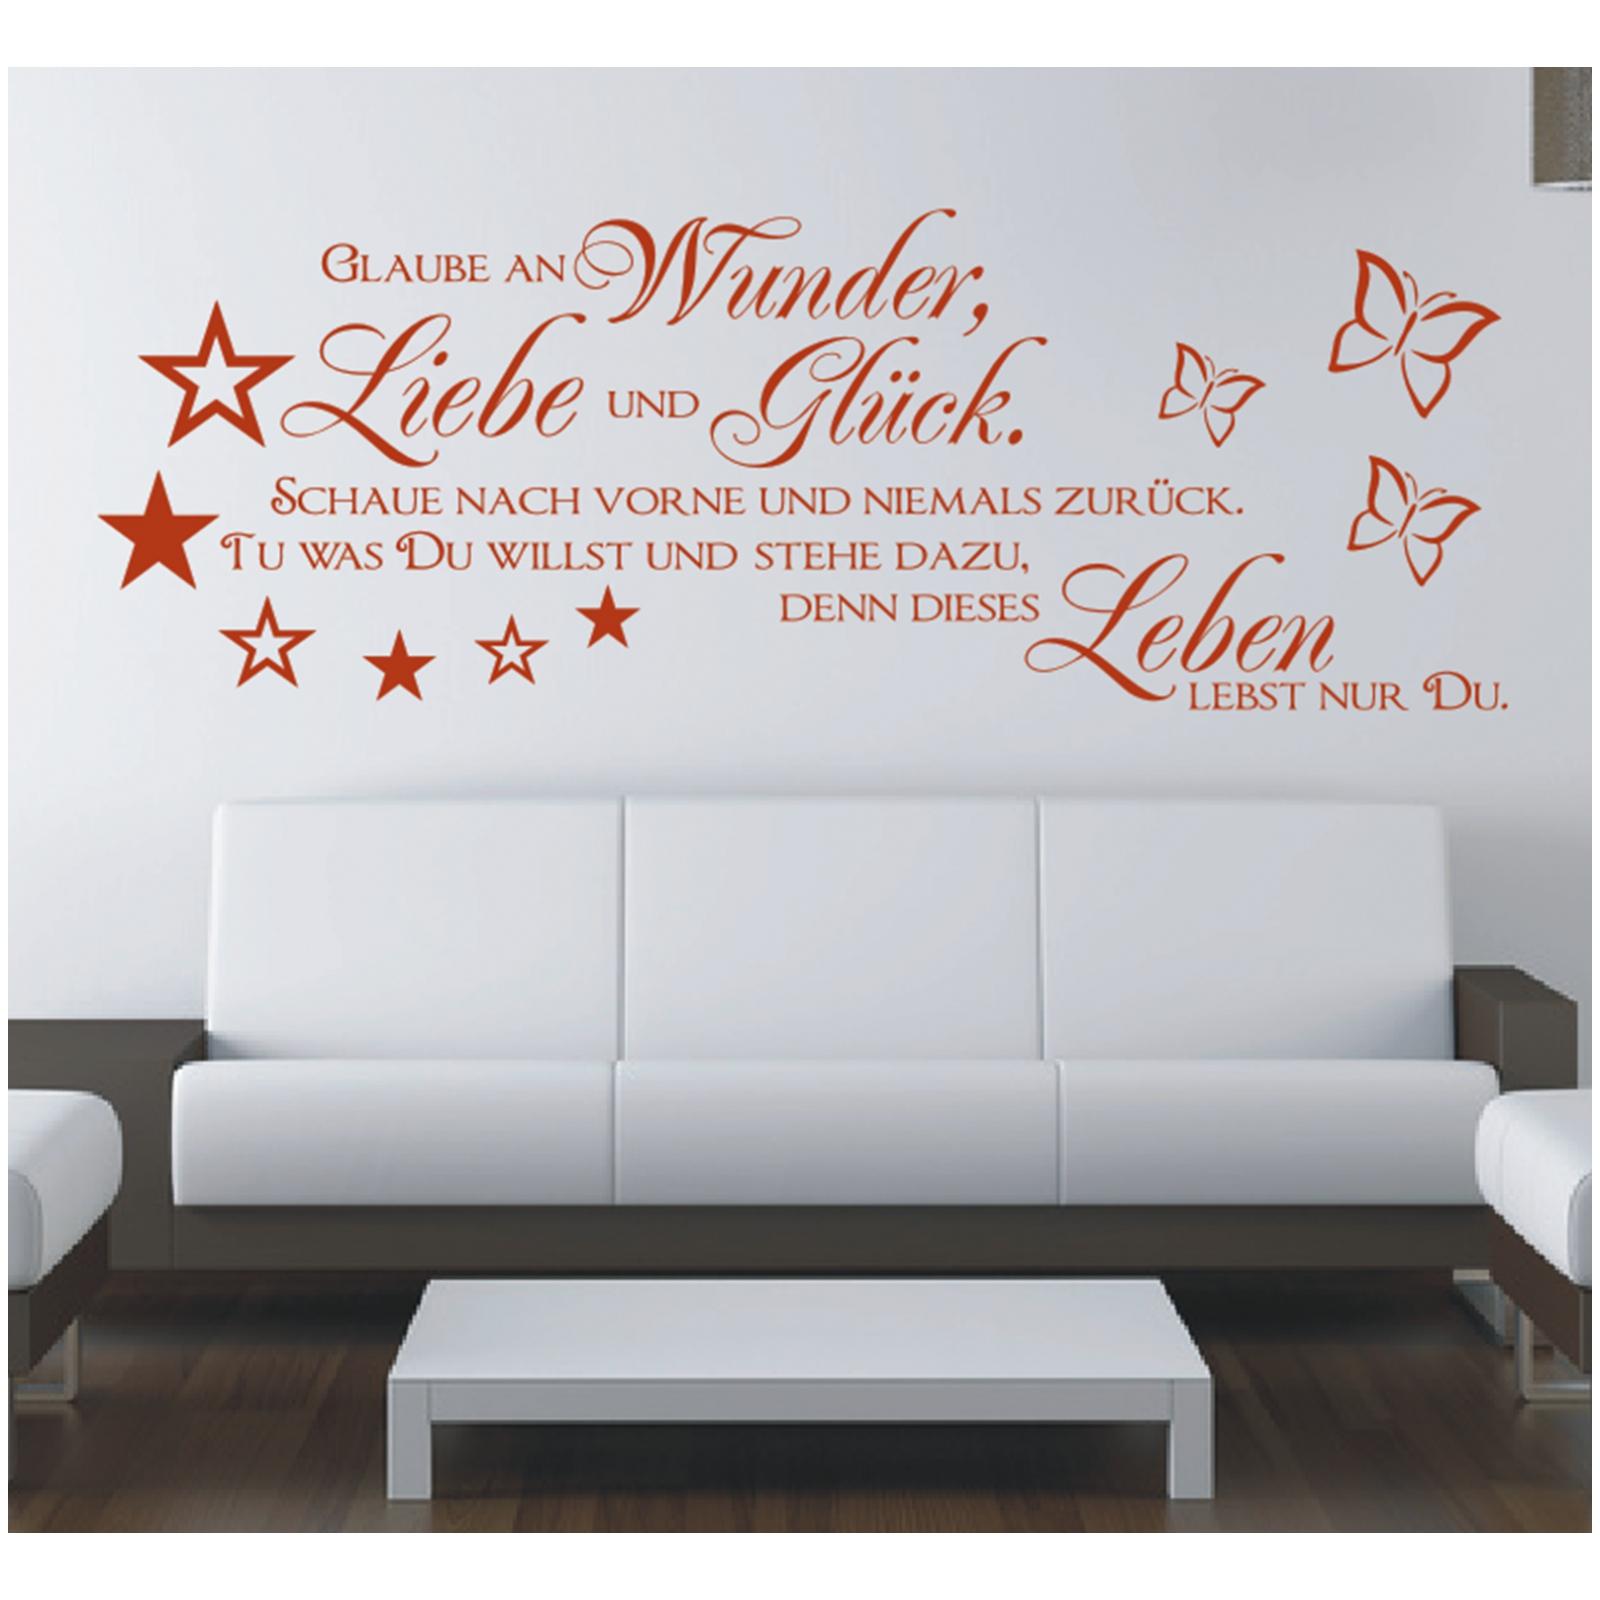 wandtattoo spruch glaube wunder liebe gl ck wandsticker wandaufkleber sticker 1 ebay. Black Bedroom Furniture Sets. Home Design Ideas